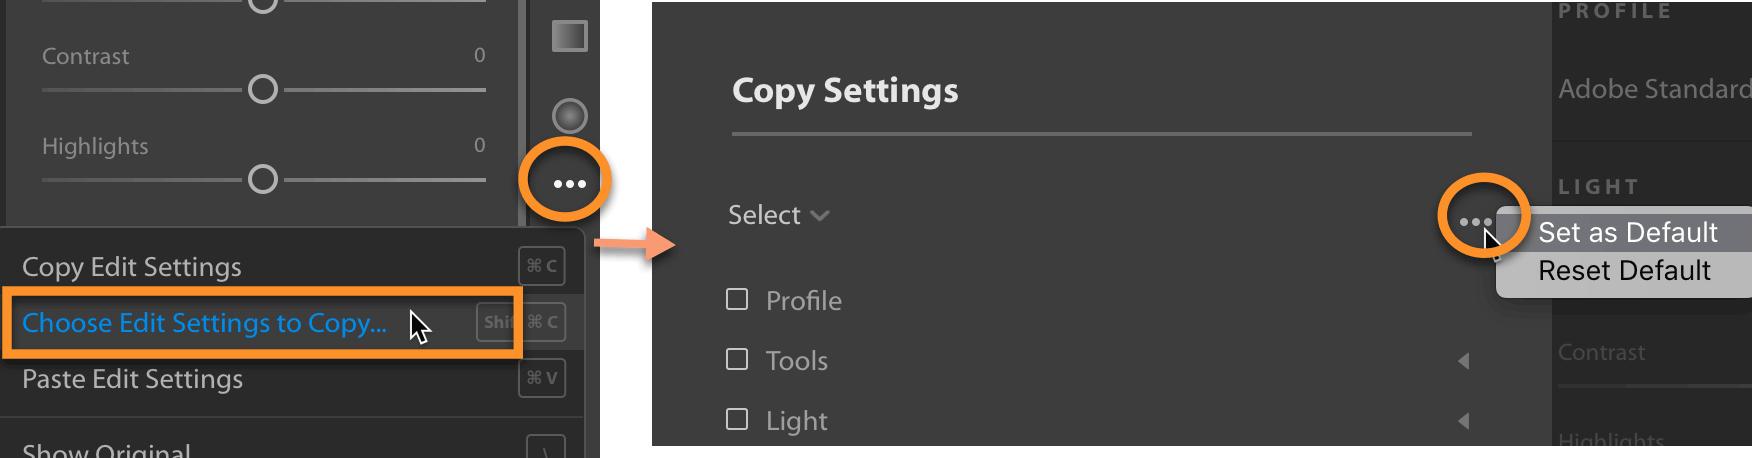 Set a default for Copy Edit Settings